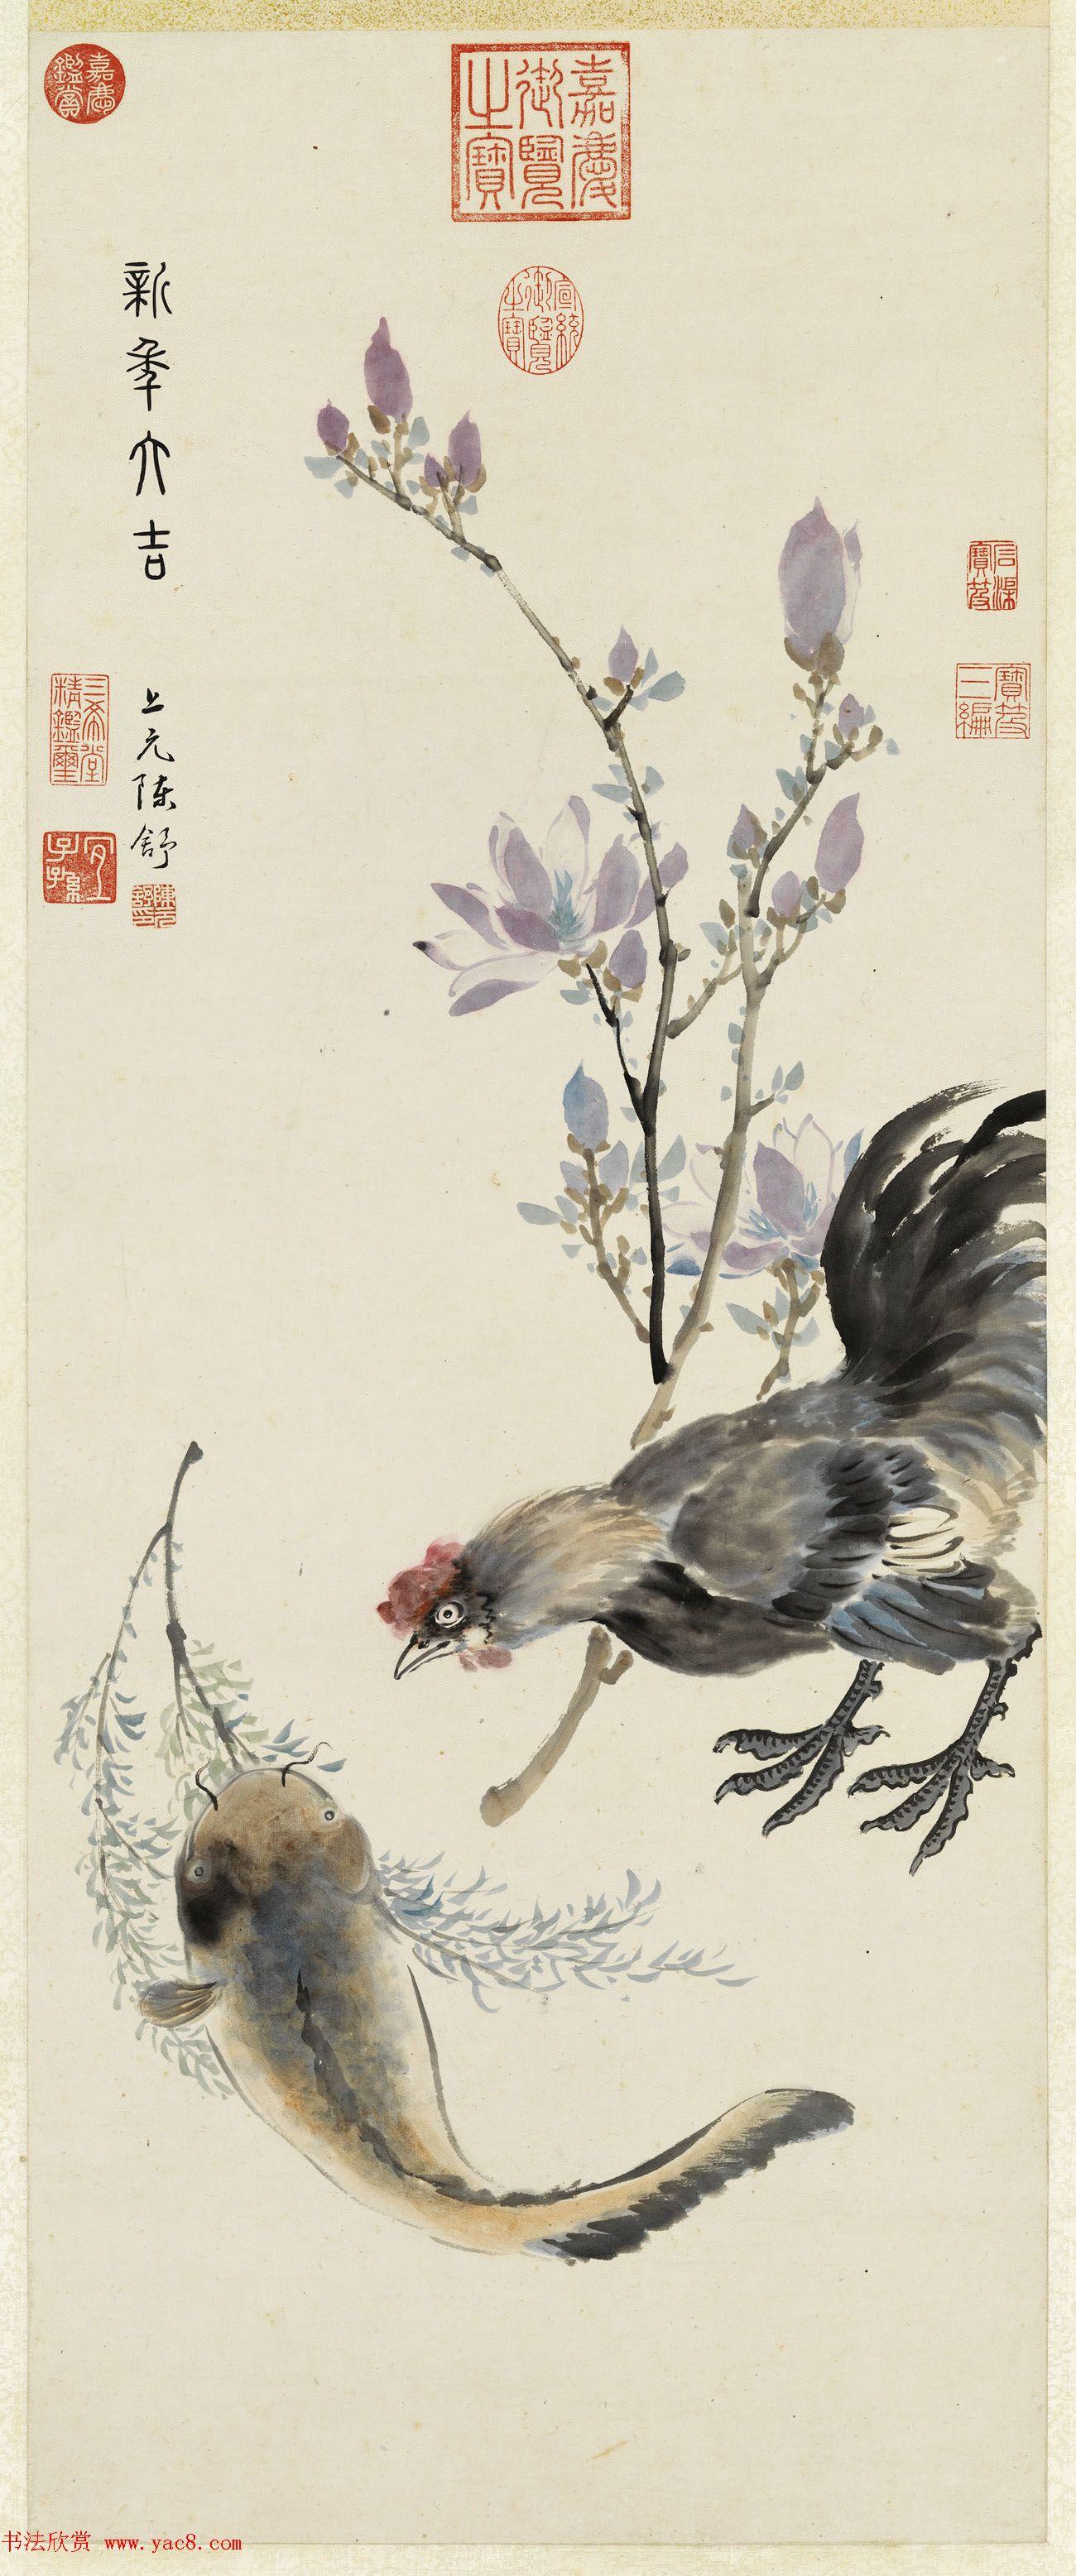 清代陈舒绘画《新年大吉》